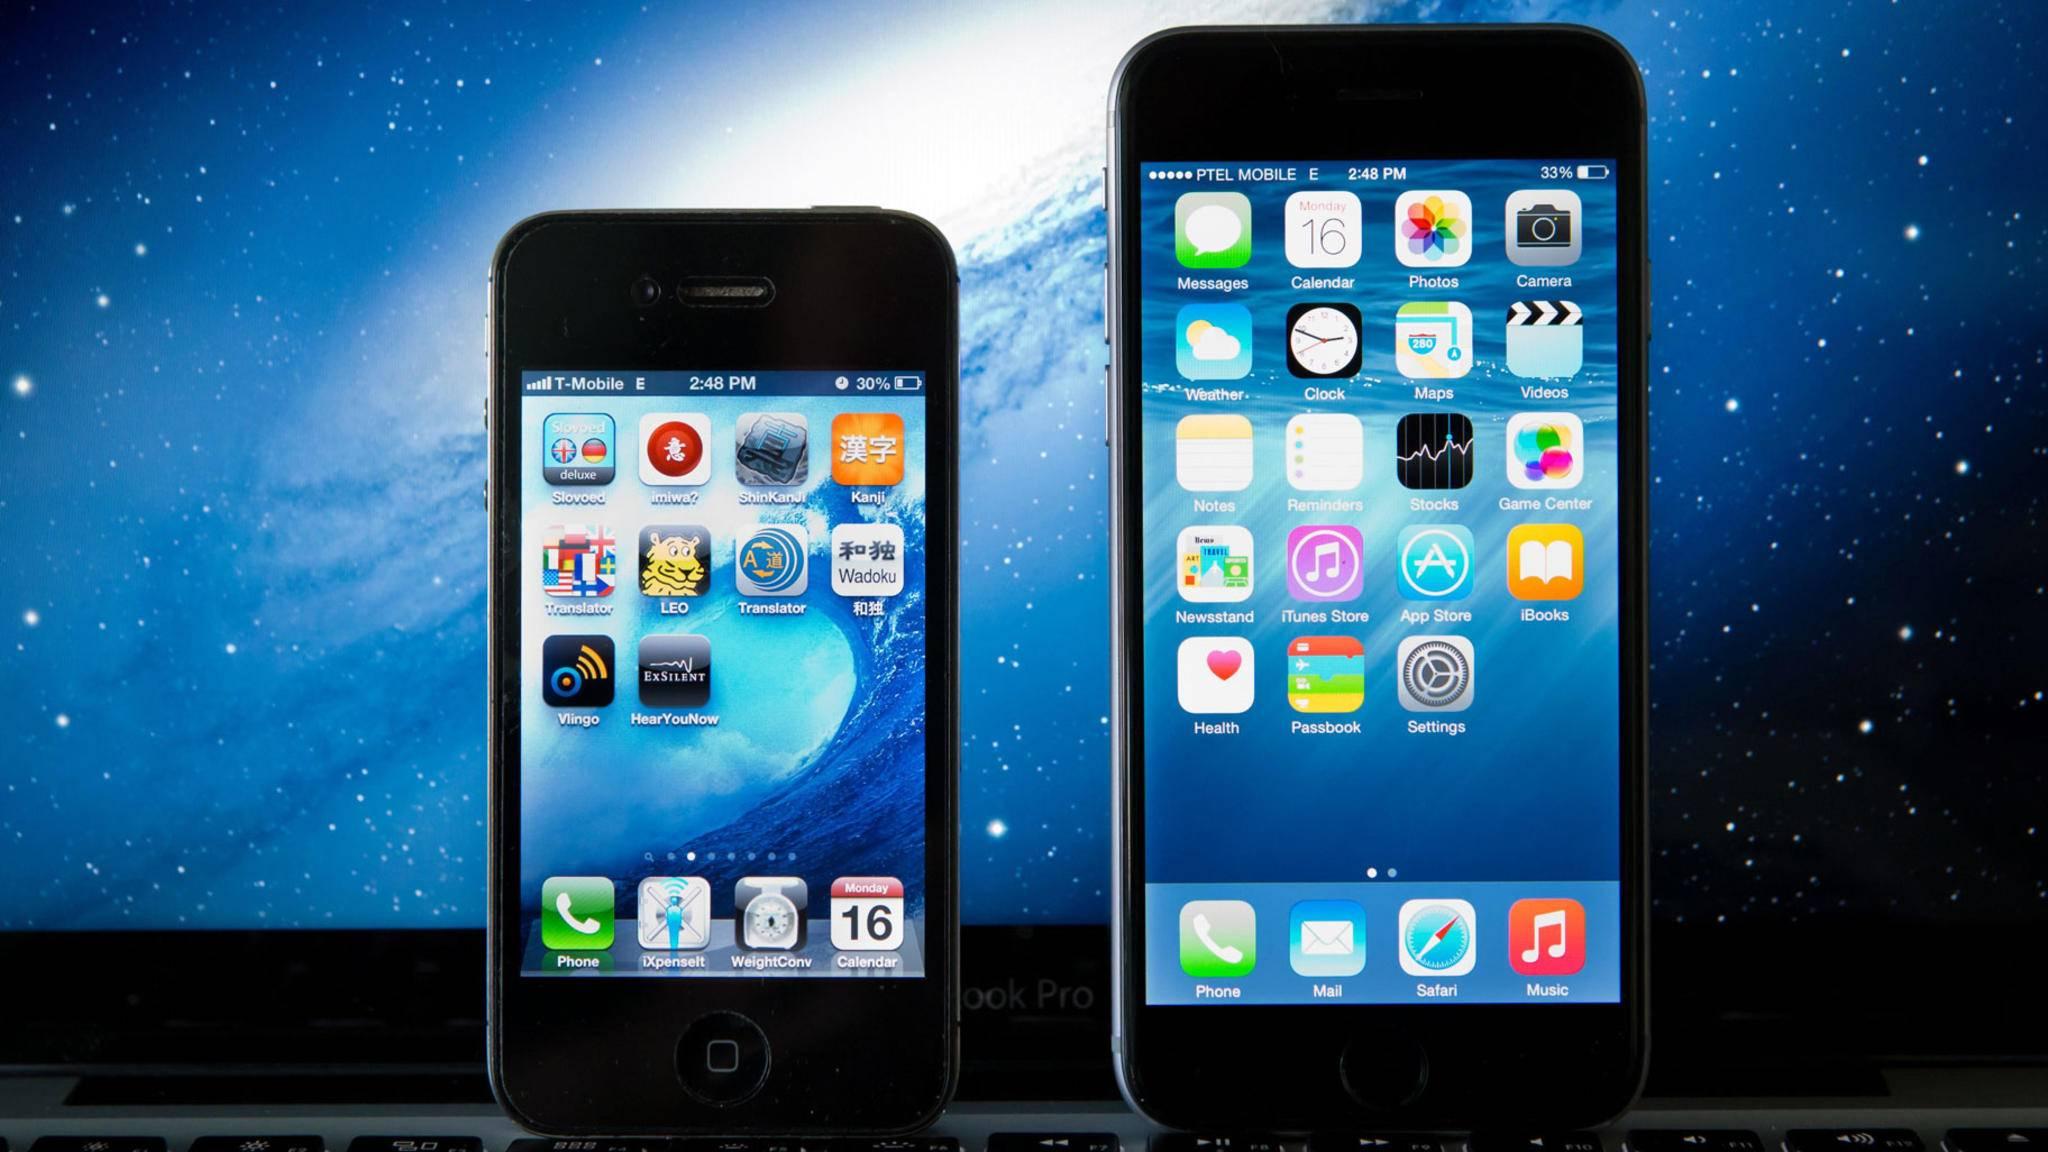 Das iPhone ist zwar das bekannteste Produkt von Apple, doch auch mit zahlreichen anderen Erfindungen konnte der Hersteller punkten.